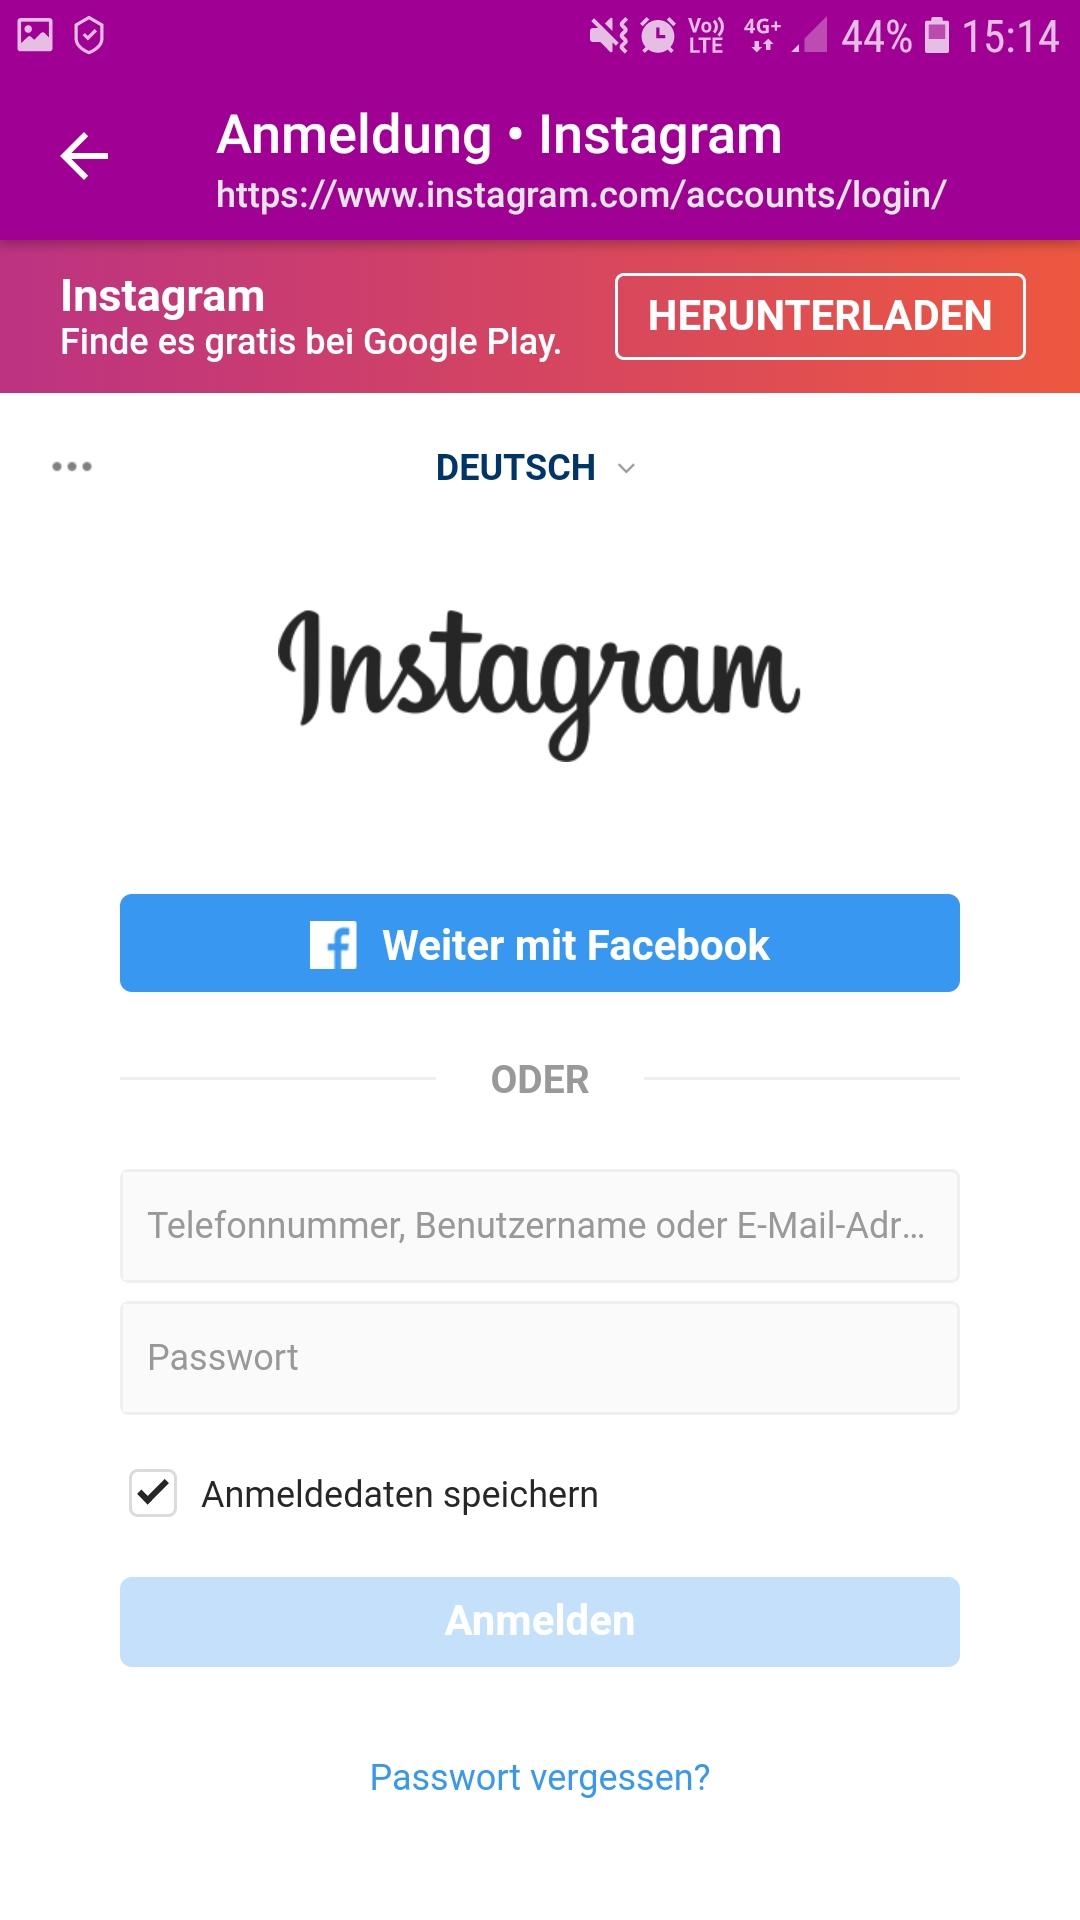 Instagram Nicht-Zurückfolger sehen